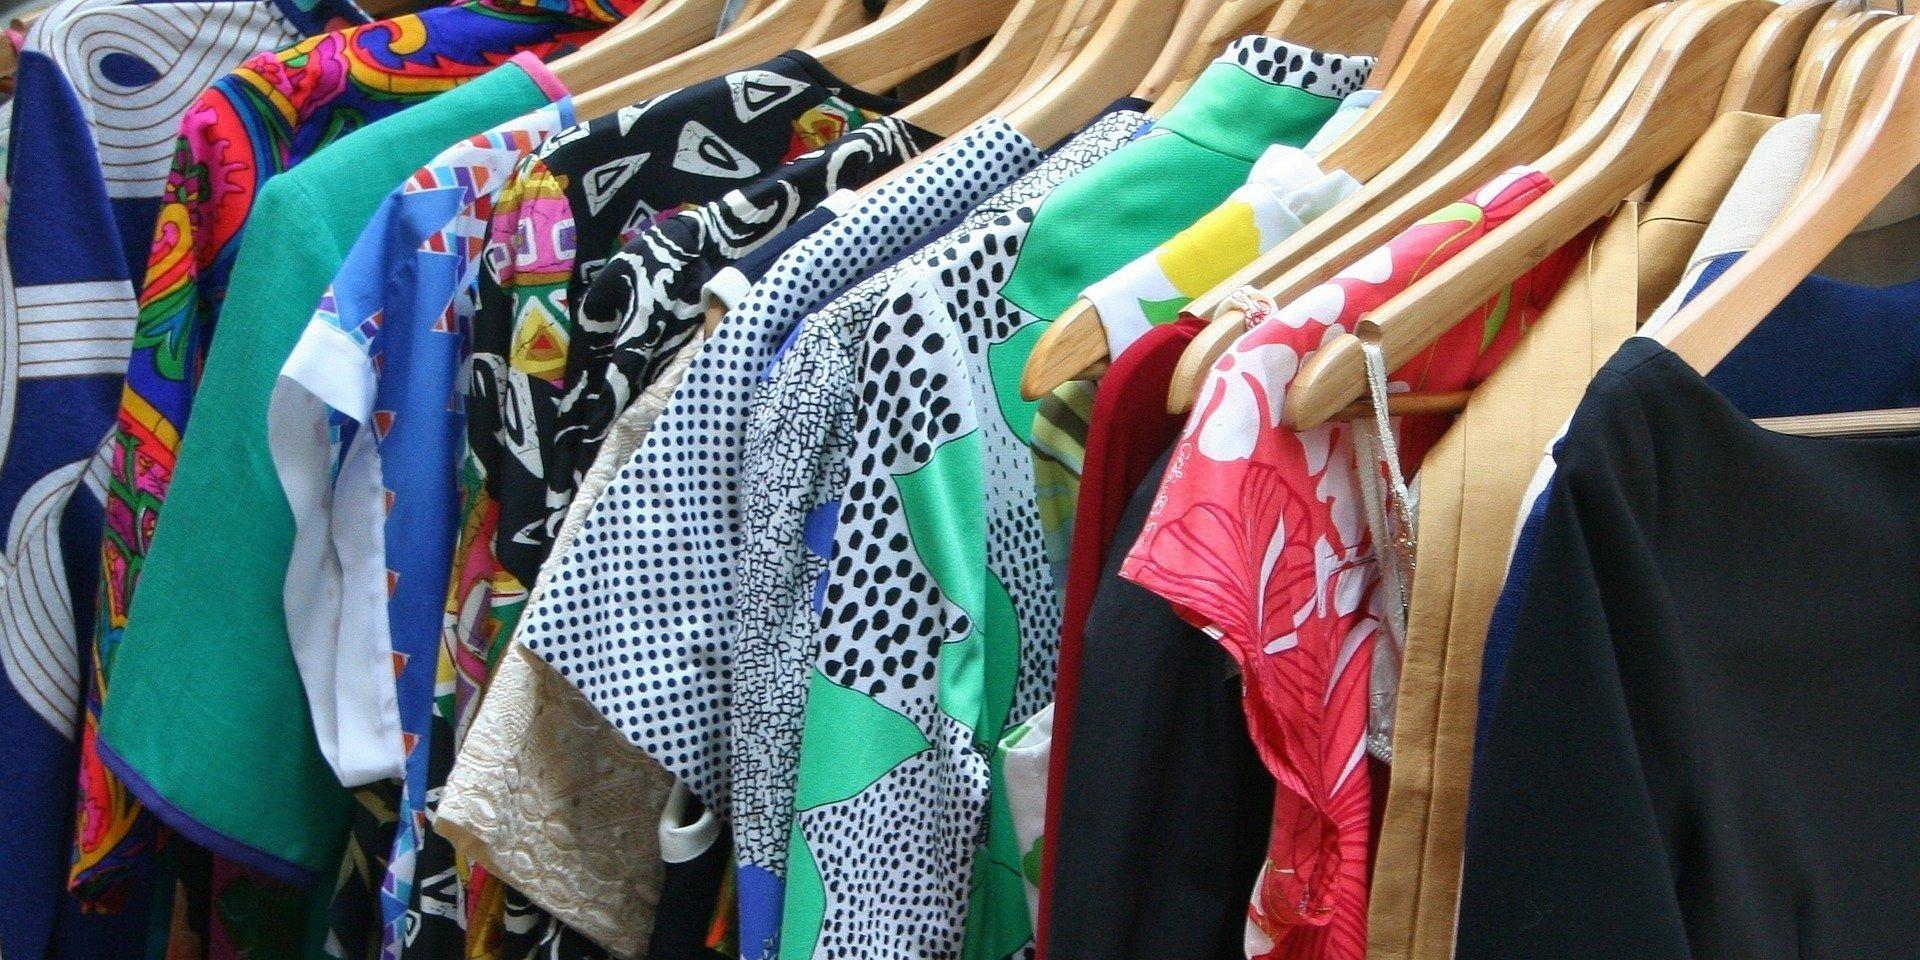 Niepotrzebne ubrania? Oddaj je w drodze do pracy i wesprzyj wybraną fundację